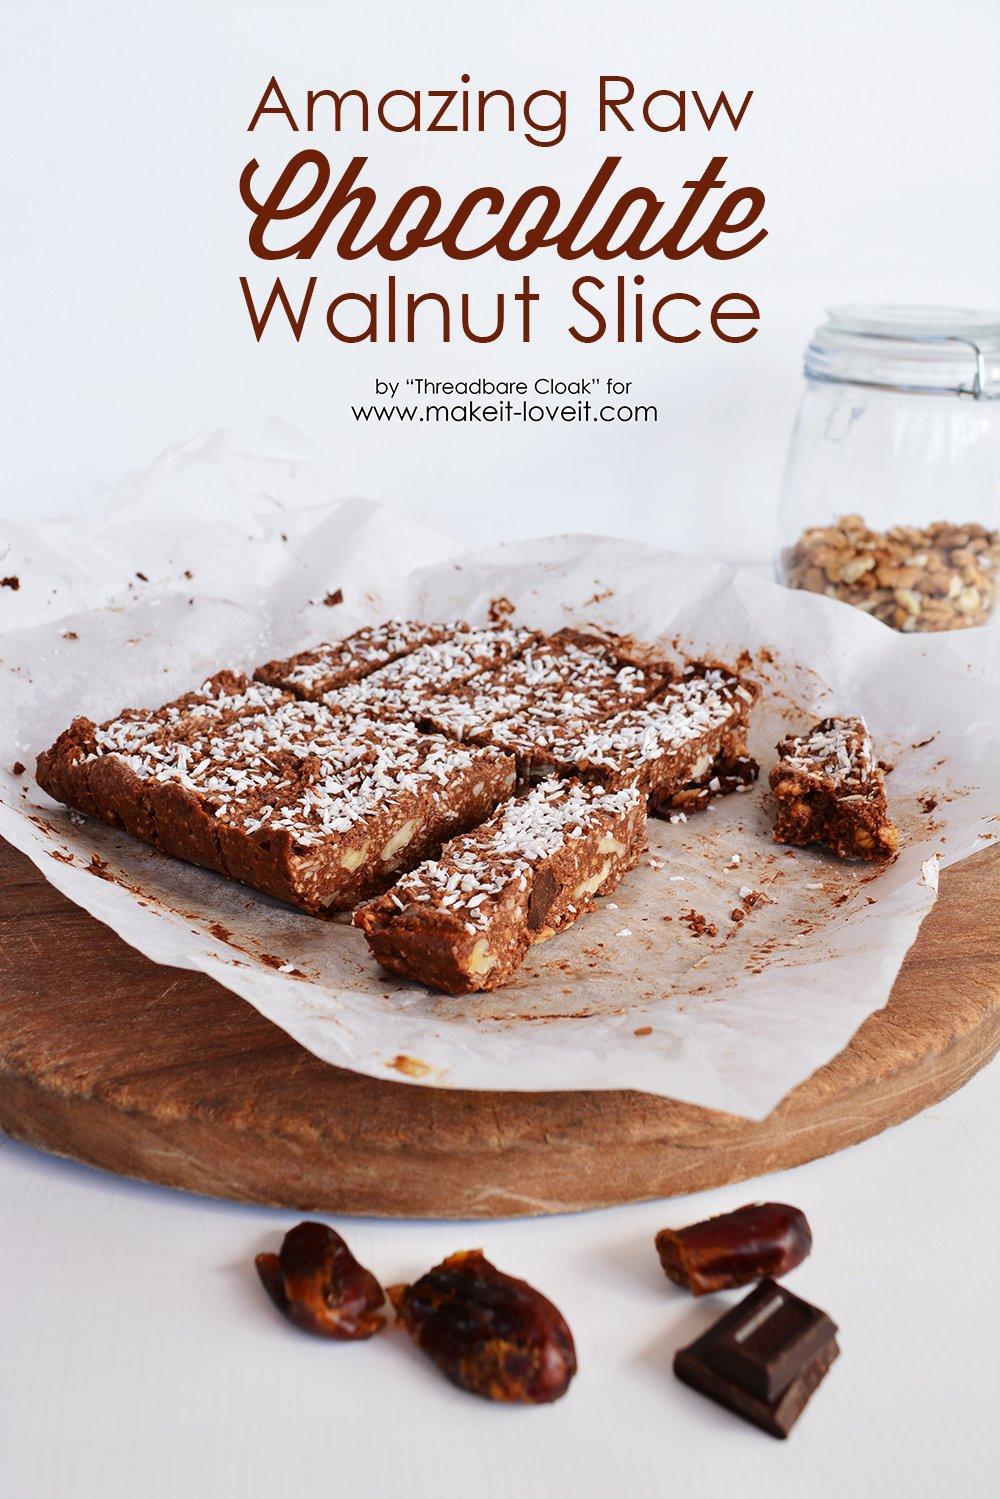 Raw Chocolate Walnut Slice recipe | www.makeit-loveit.com